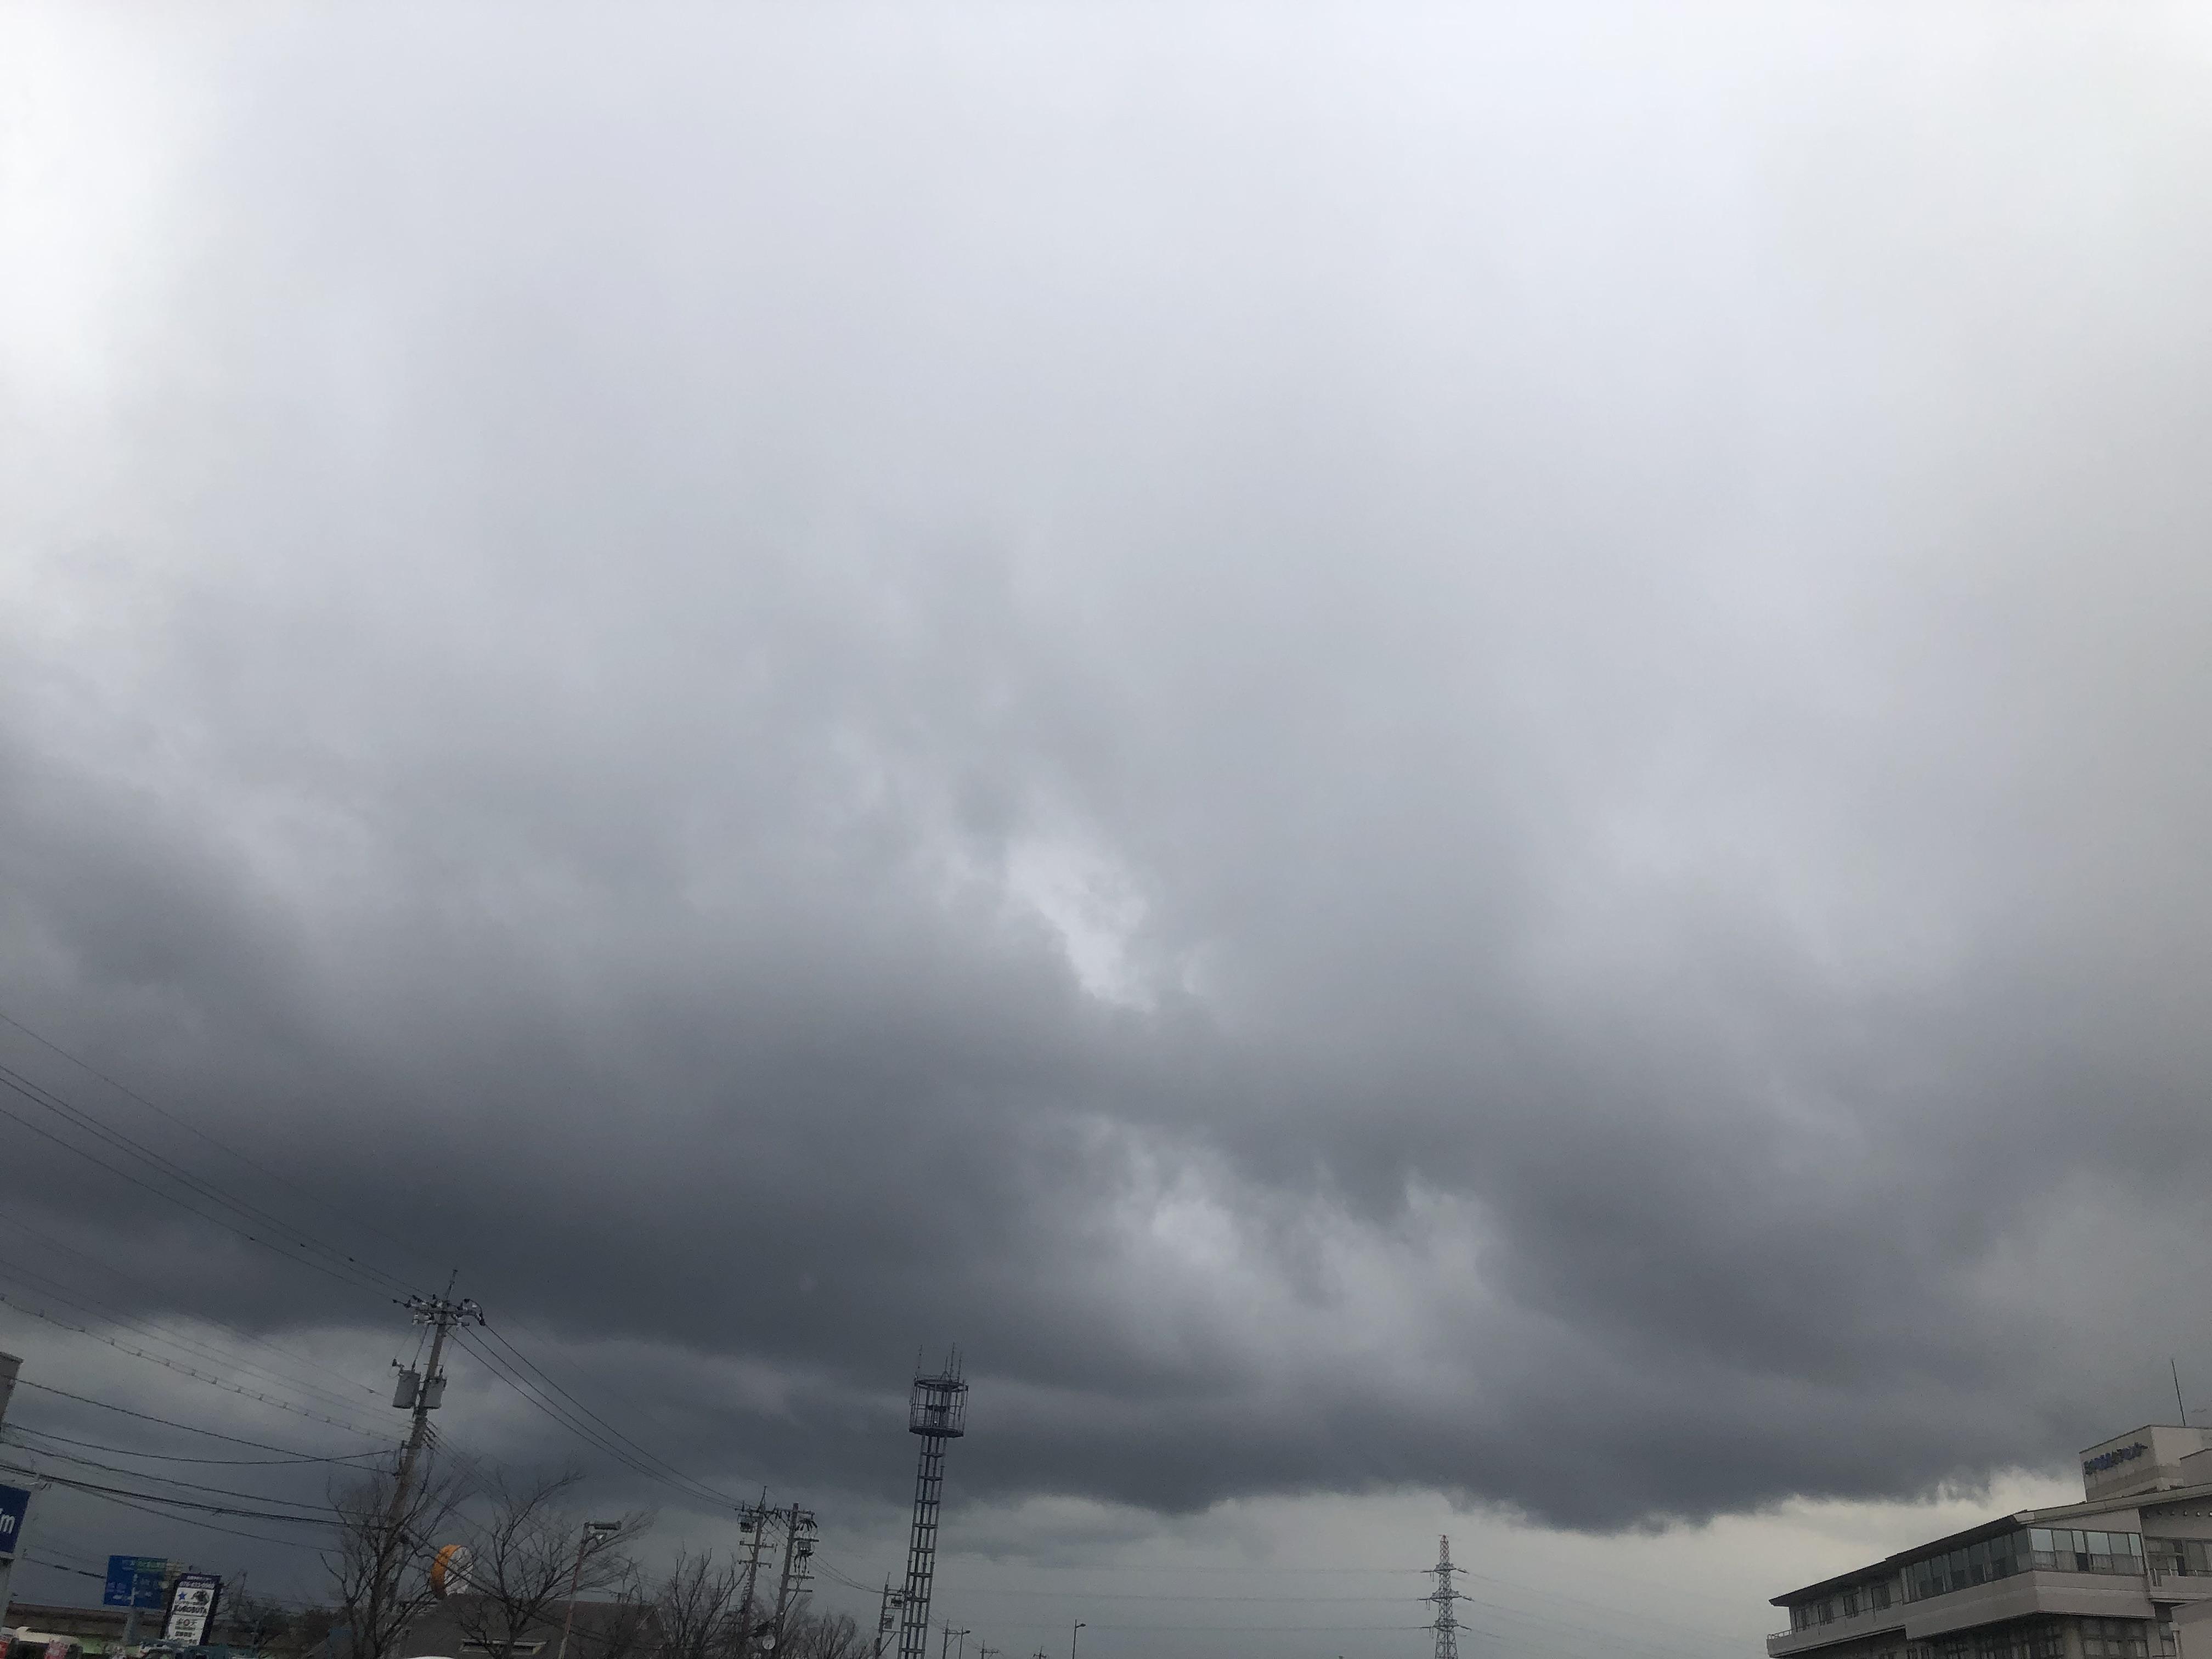 金沢観光を快適にするコツと注意点 冬の金沢は雨が要注意 金沢転勤歴5年の僕が伝えたいガイドブックにはのっていない冬の本当の金沢